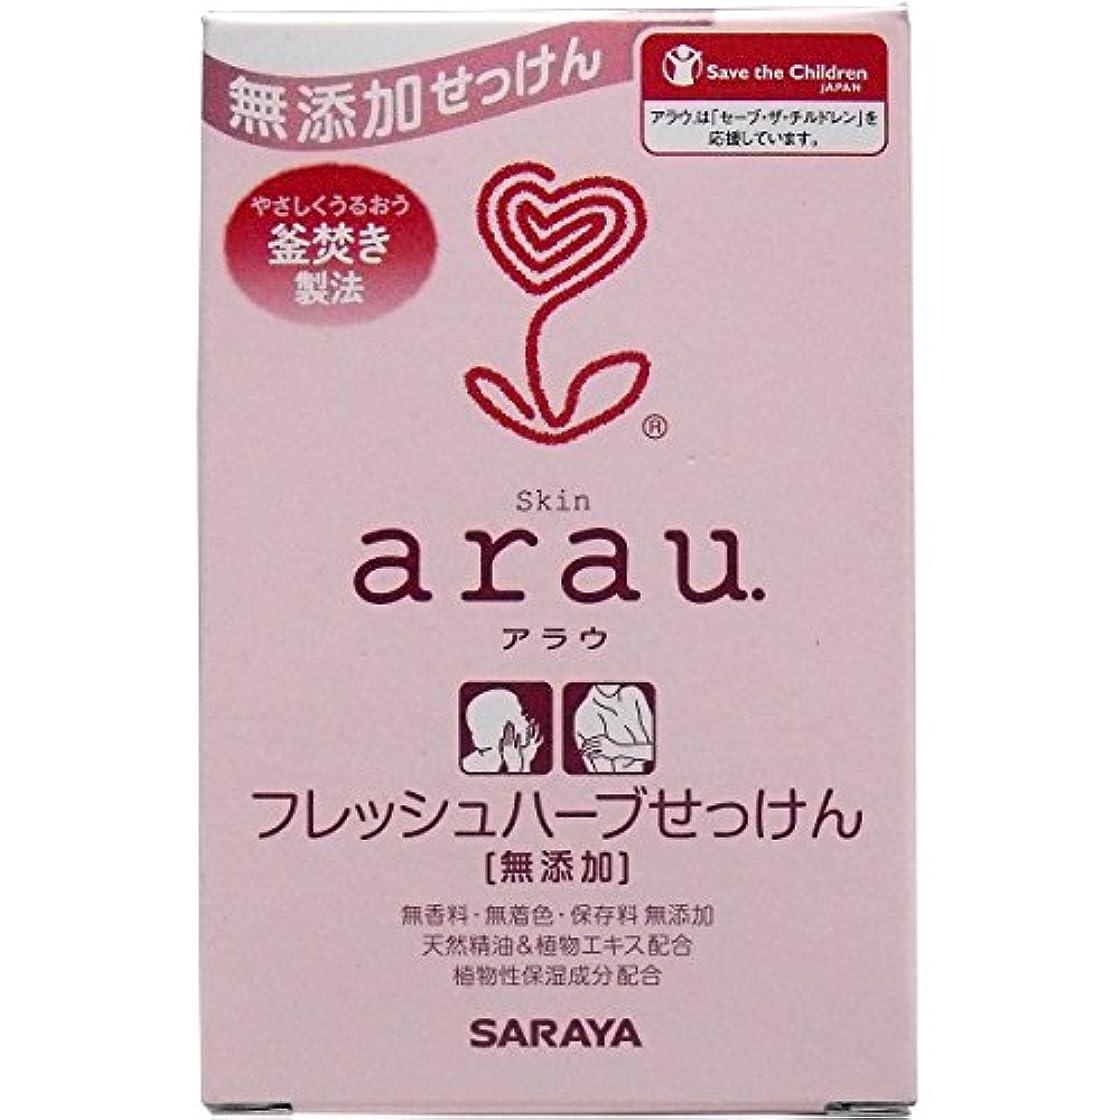 【まとめ買い】サラヤ arau.(アラウ) フレッシュハーブせっけん 100g【×5個】